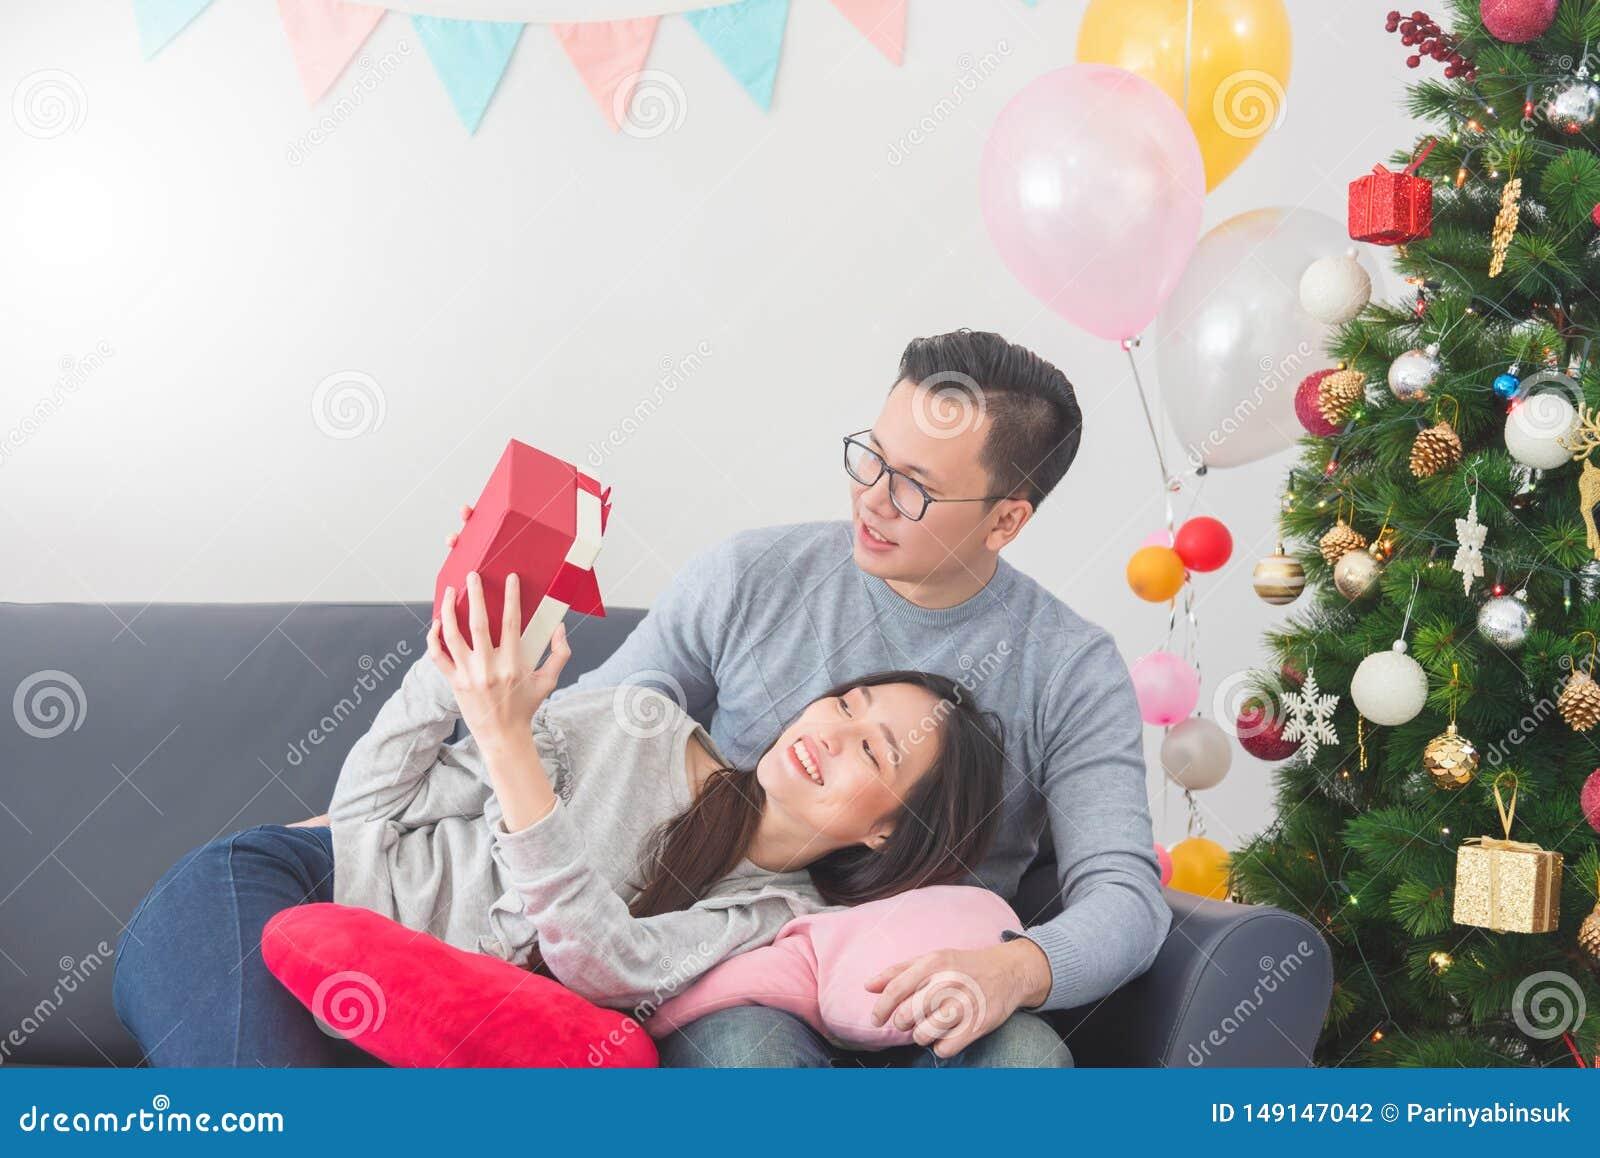 在家庆祝圣诞节的年轻夫妇 给他的女朋友礼物盒的帅哥